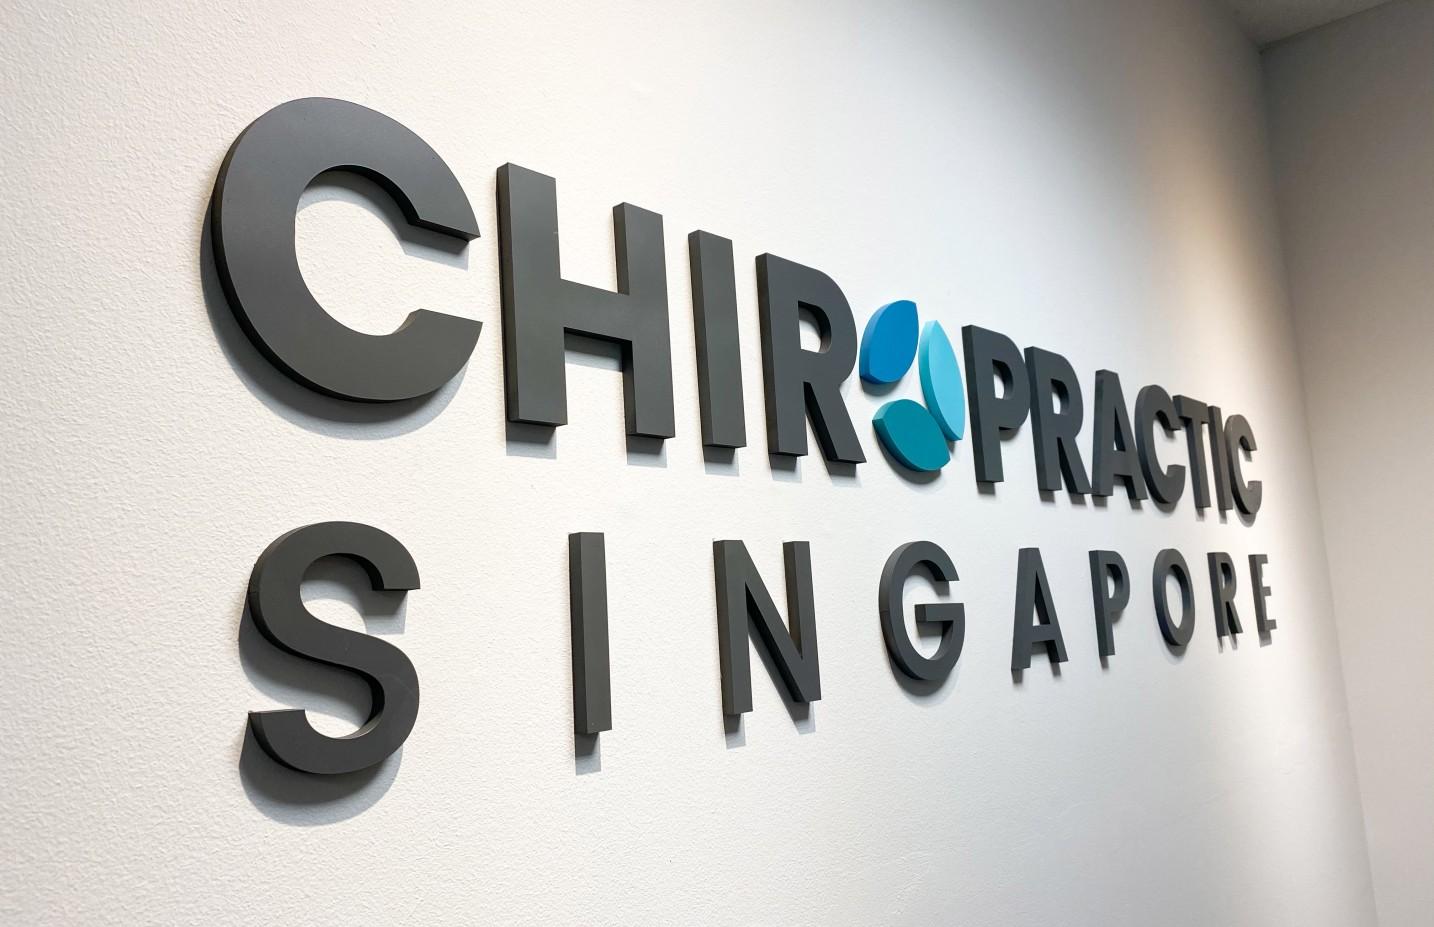 Chiropractic Singapore